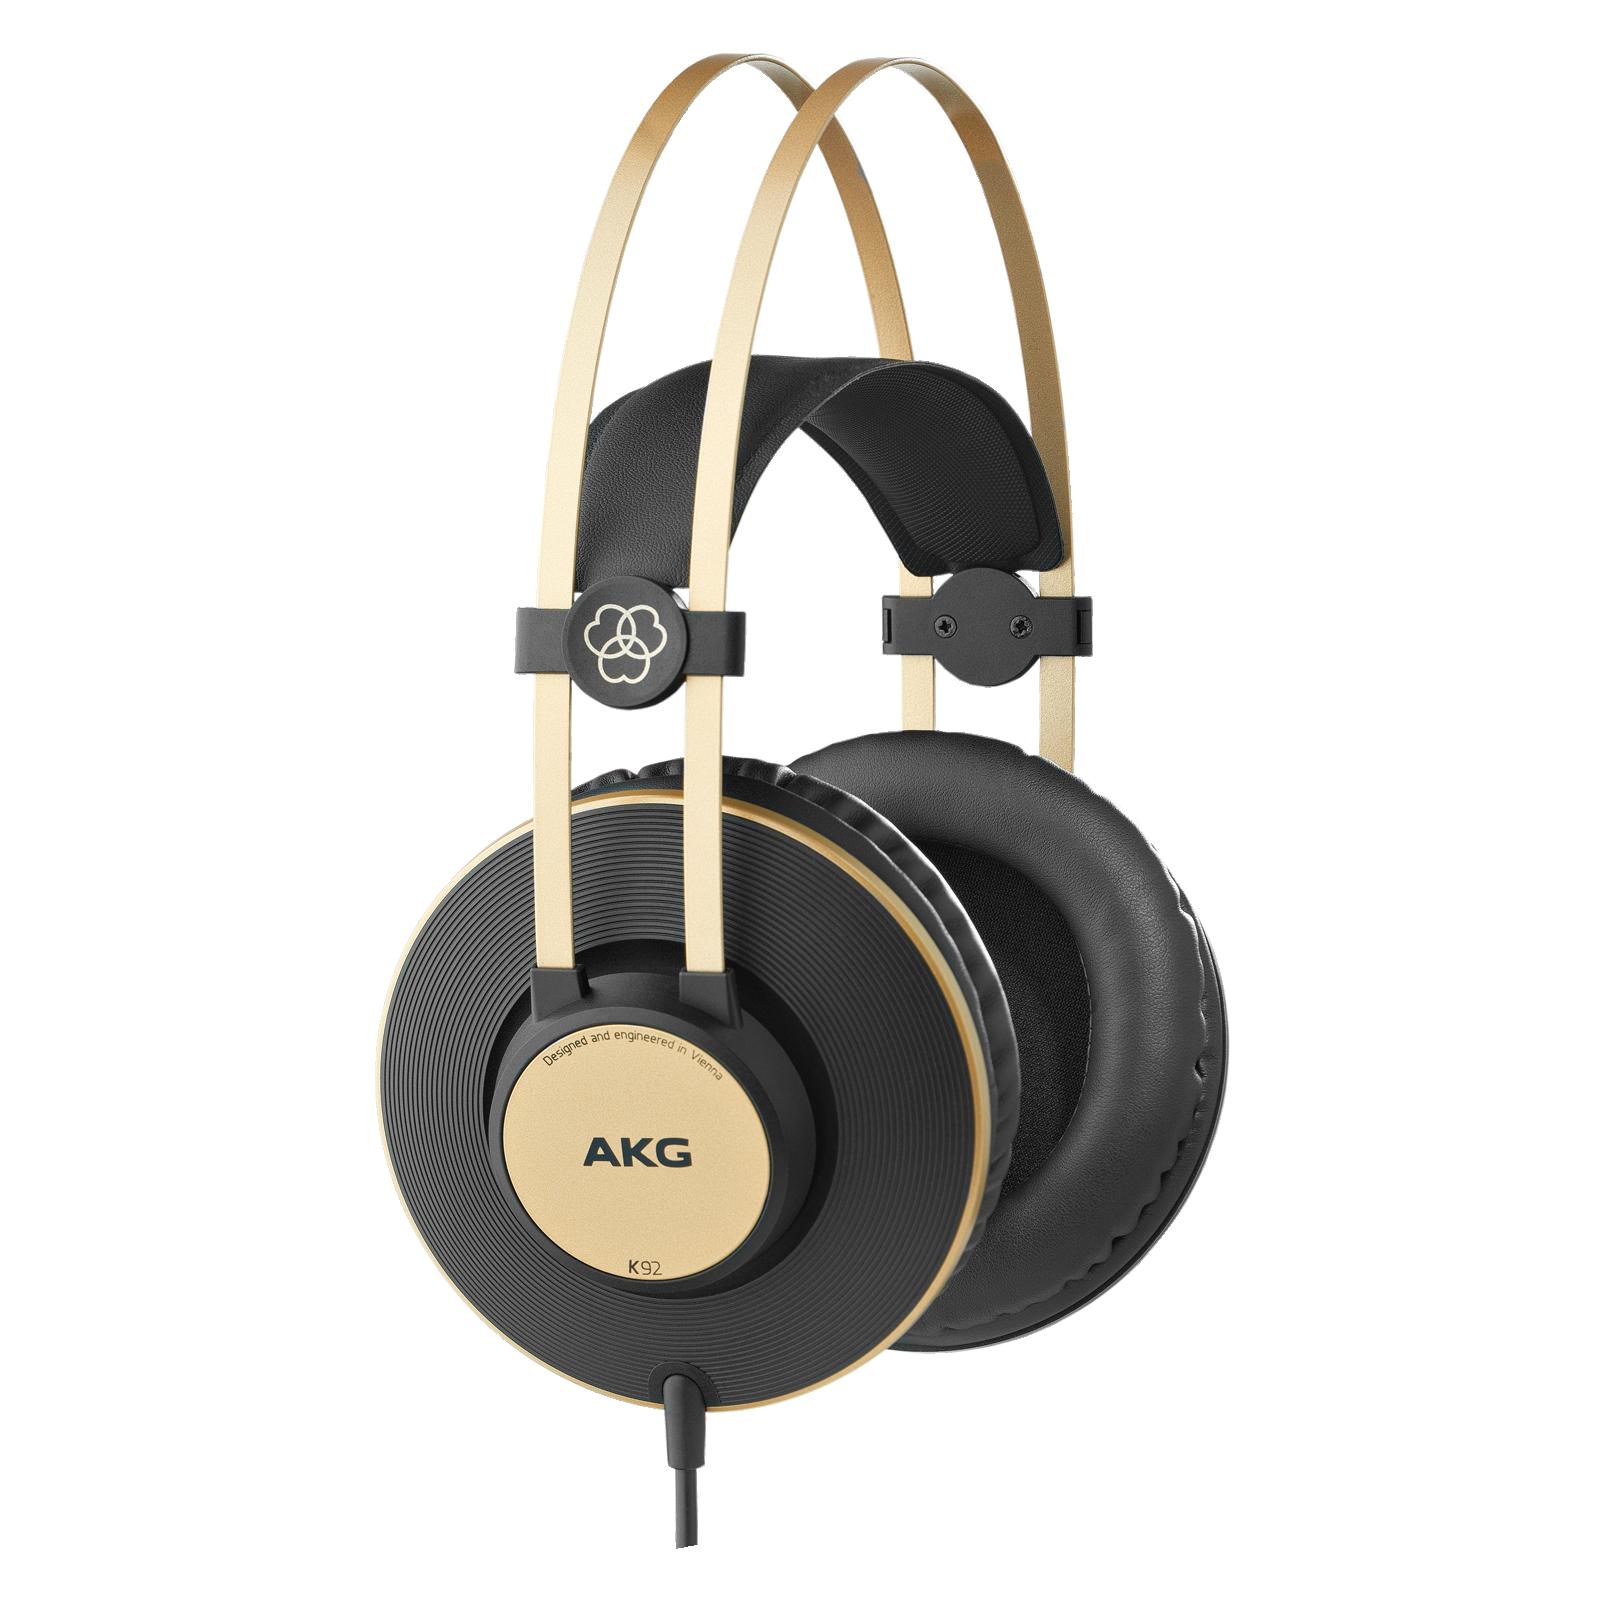 AKG K 92 - zamknięte słuchawki wokółuszne, 40mm drivers,  samodopasowujące się, komfortowe, lekkie ze złotymi akcentami